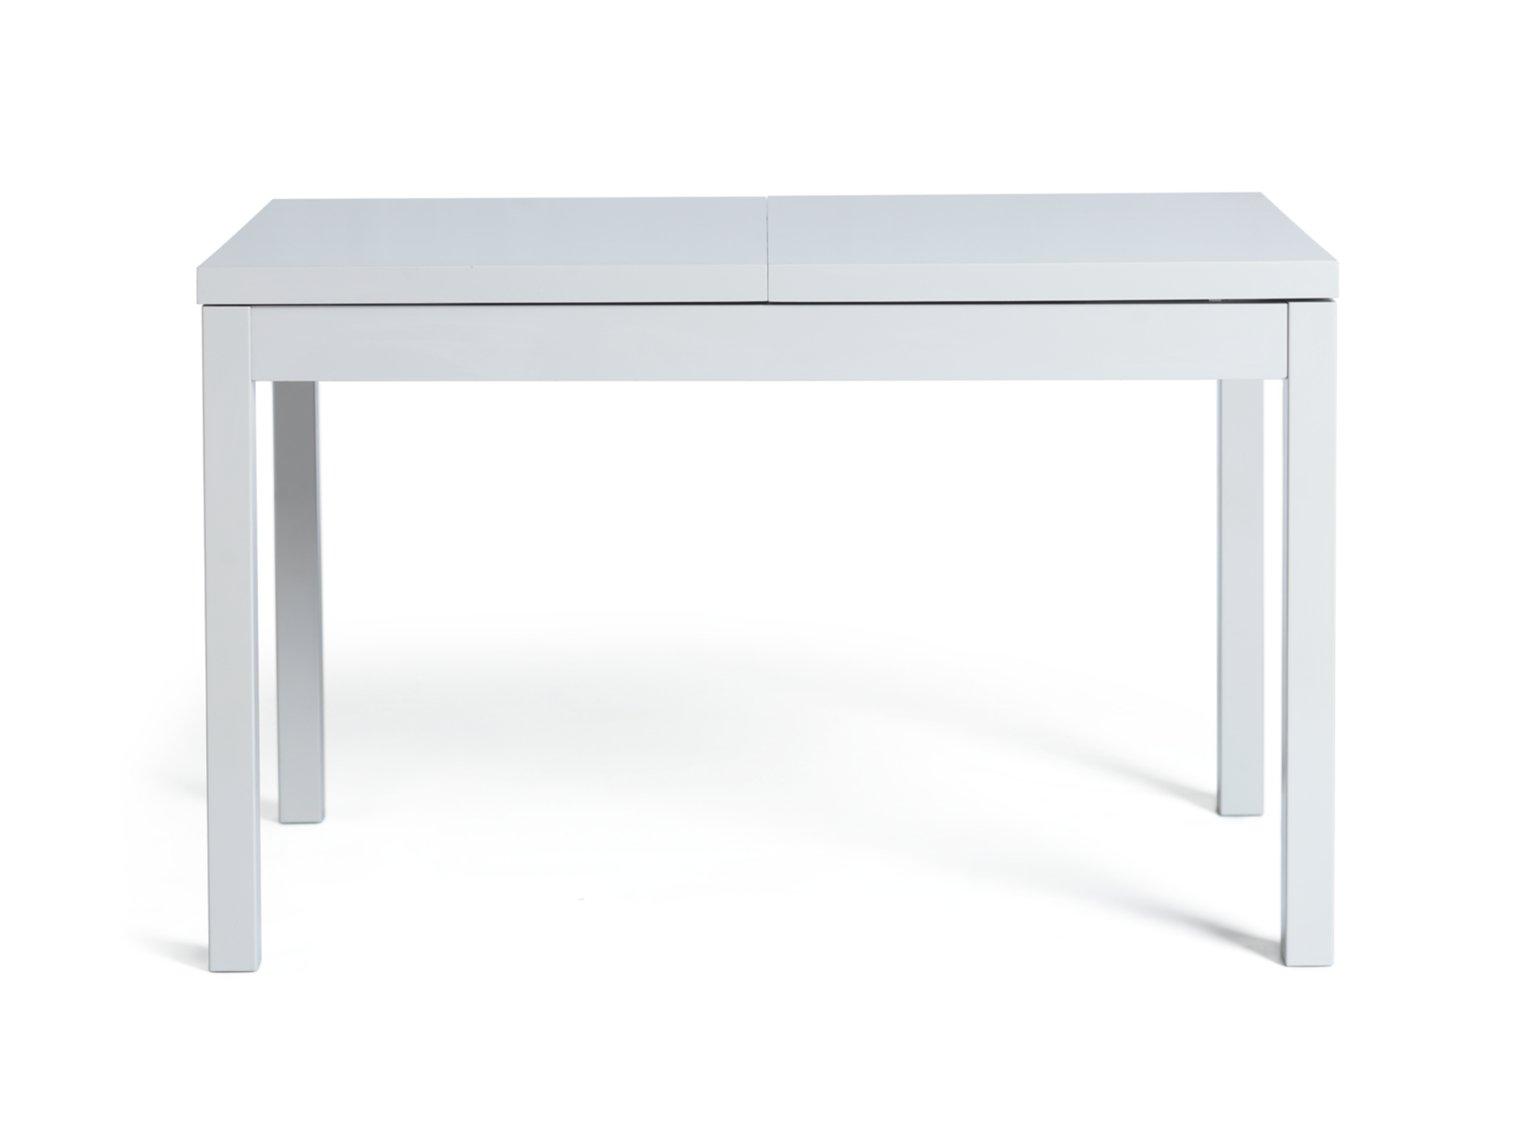 Habitat Lyssa Extending 6-8 Seater Dining Table - White